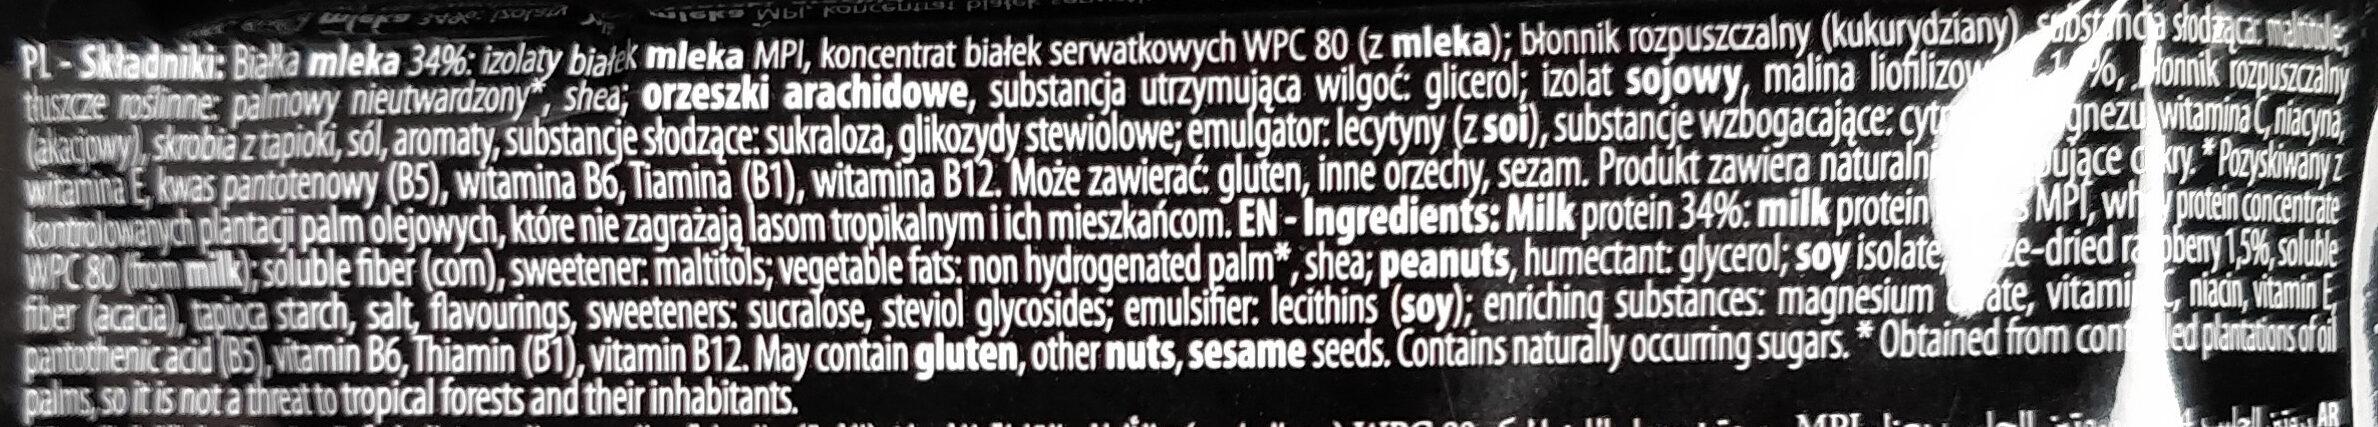 Baton proteinowy 33% wanilia malina - Składniki - pl